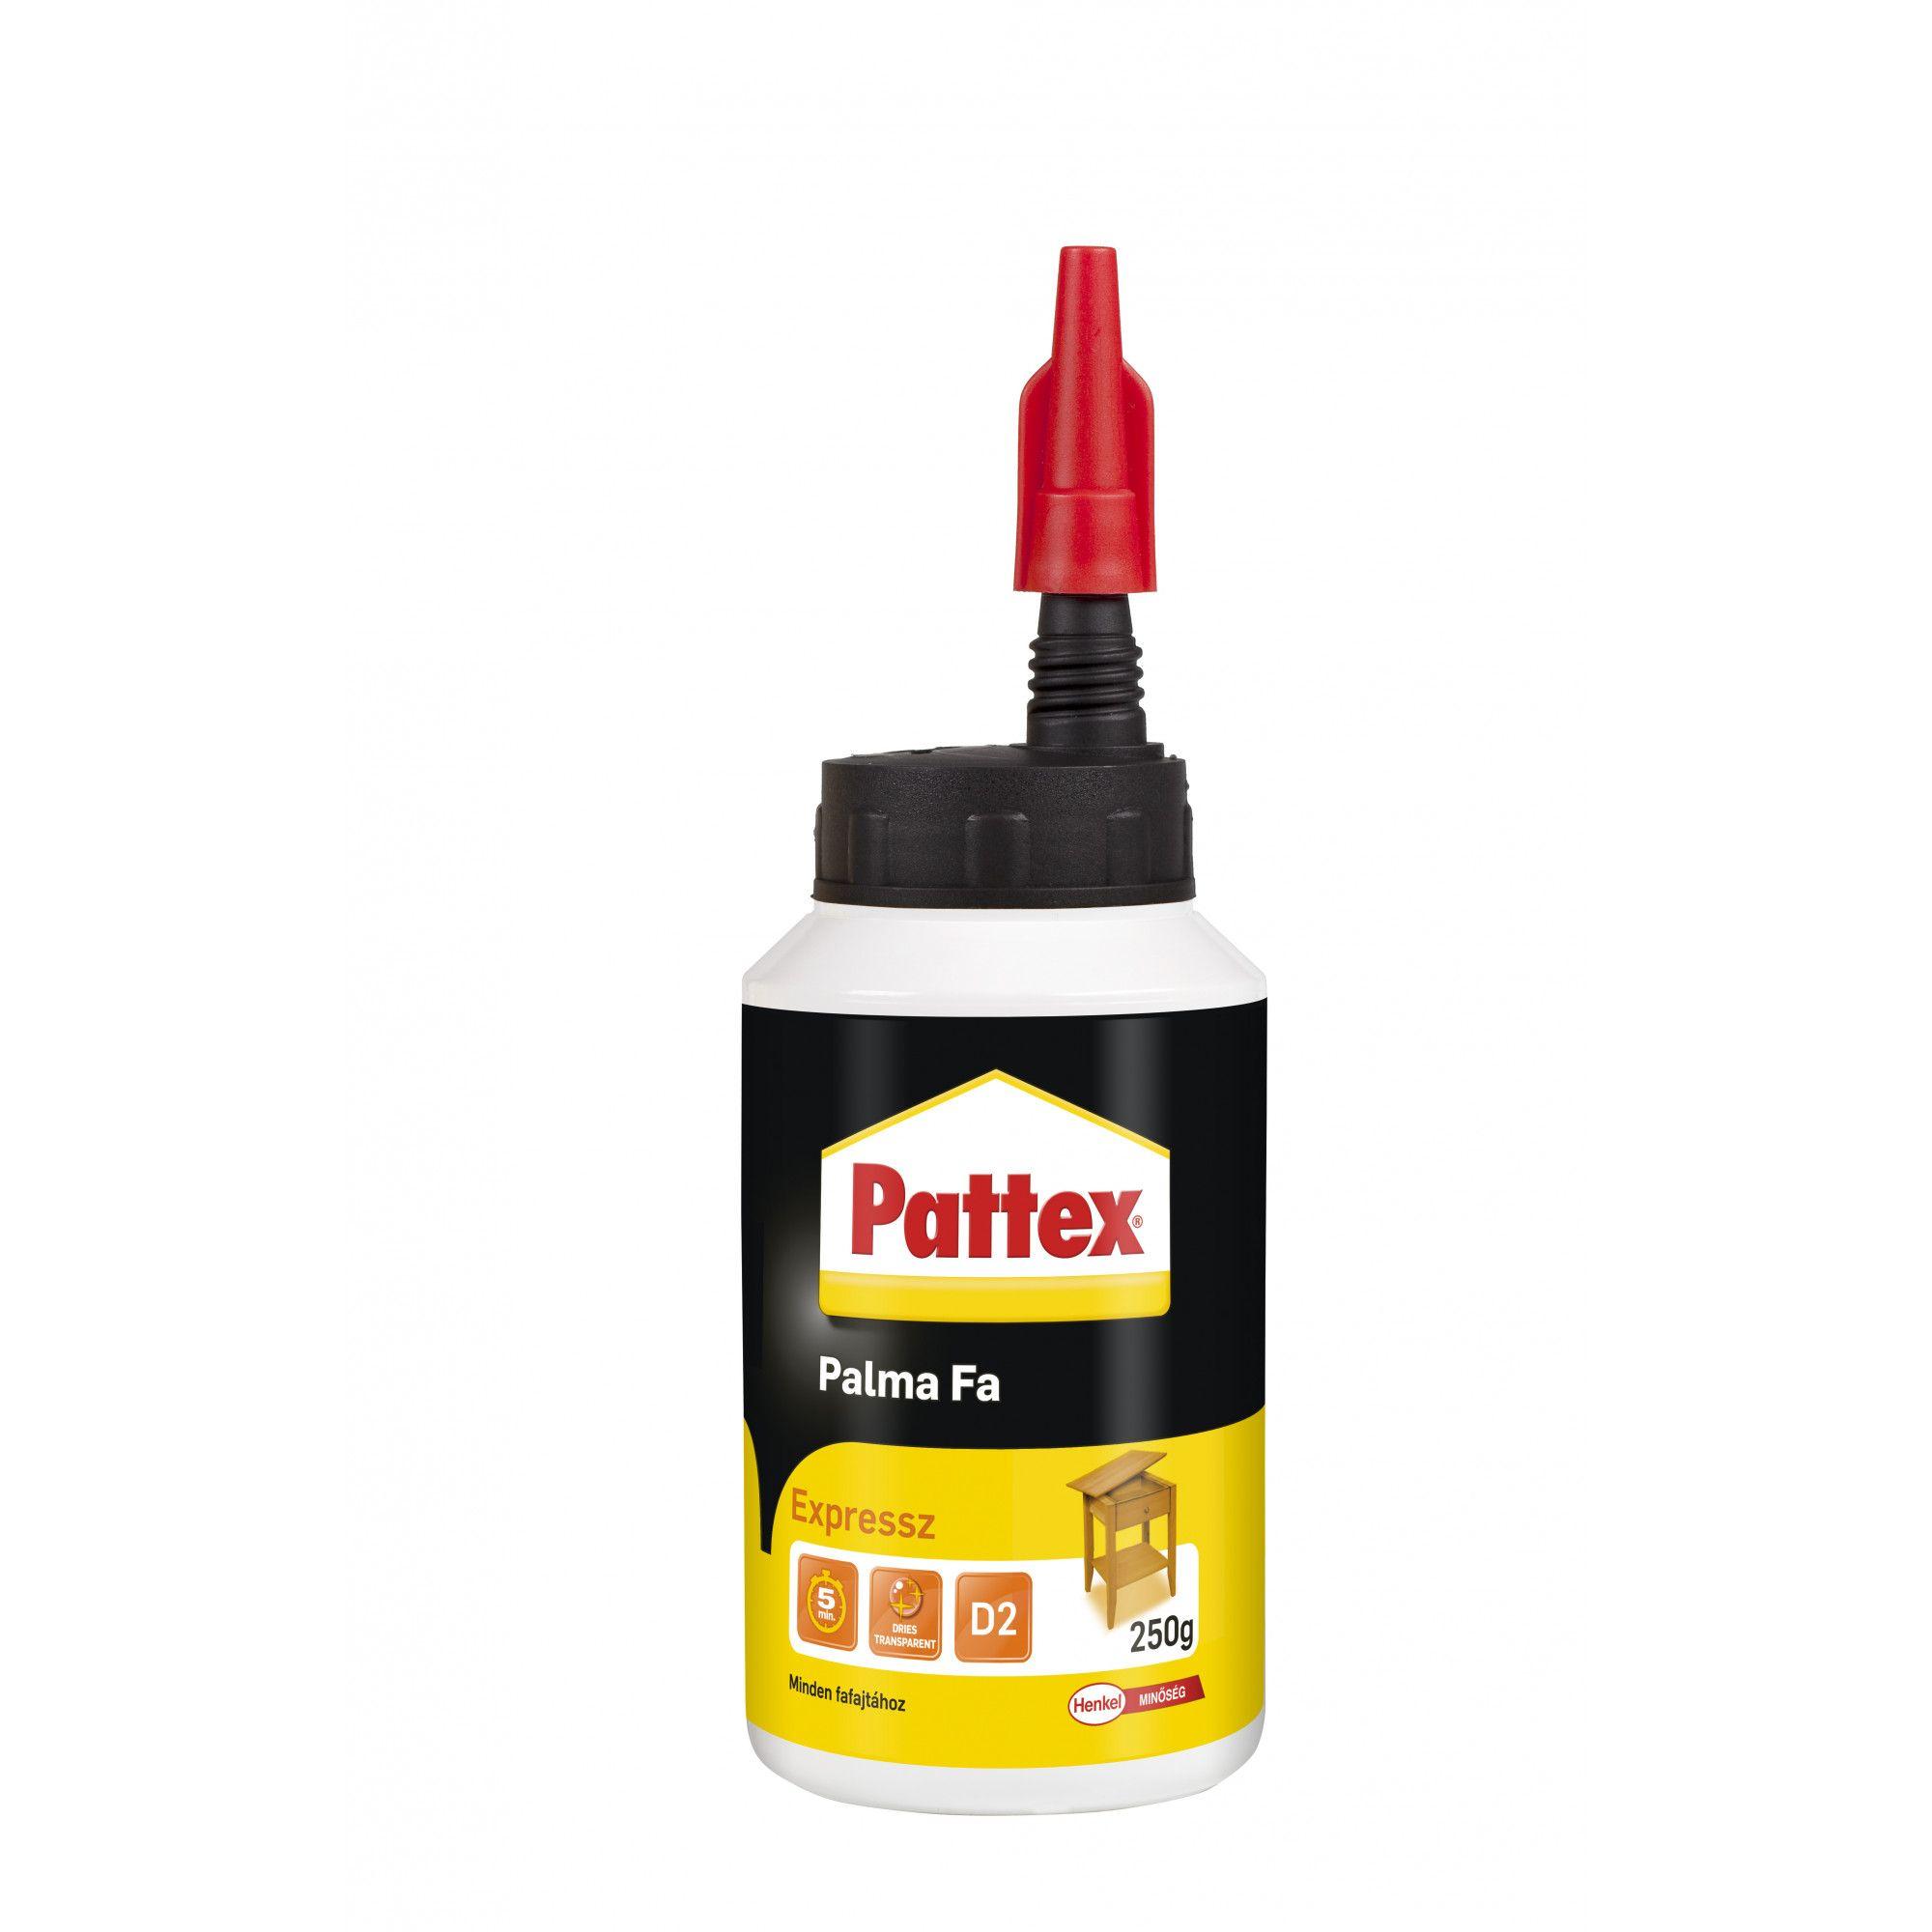 Pattex Palma fa expressz 250g Minden termék